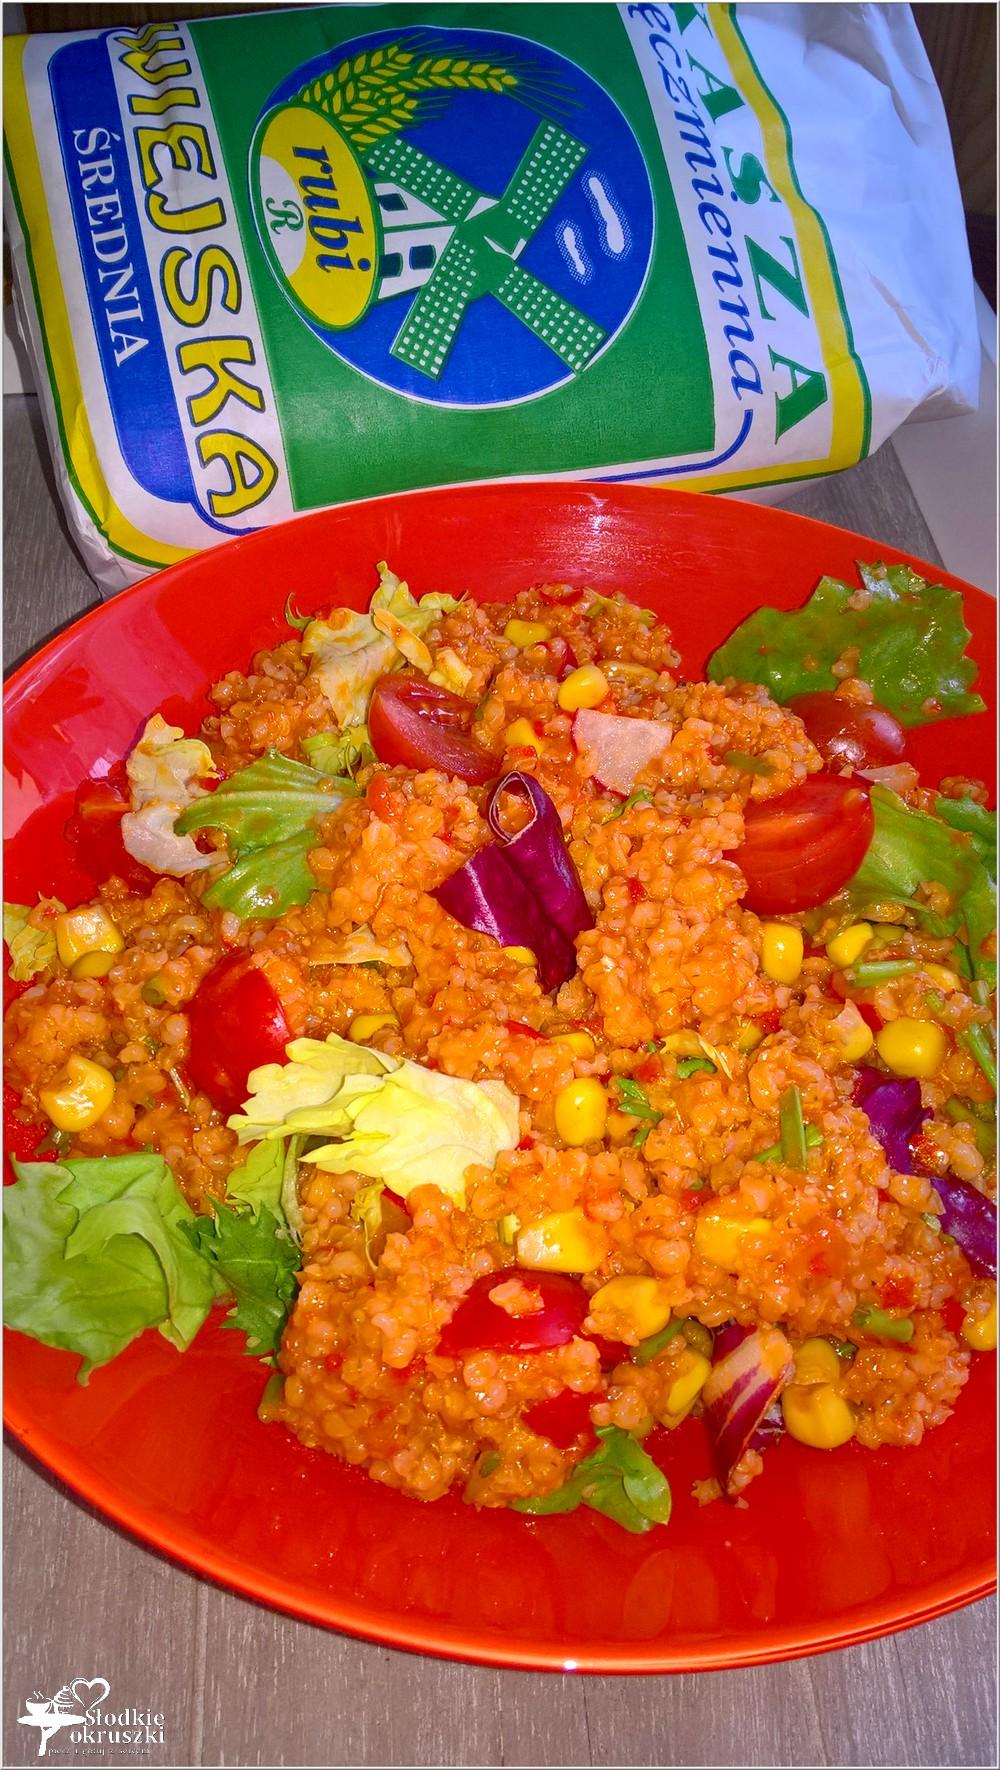 Zdrowa sałatka na bazie kaszy jęczmiennej (z ajvarem) (1)